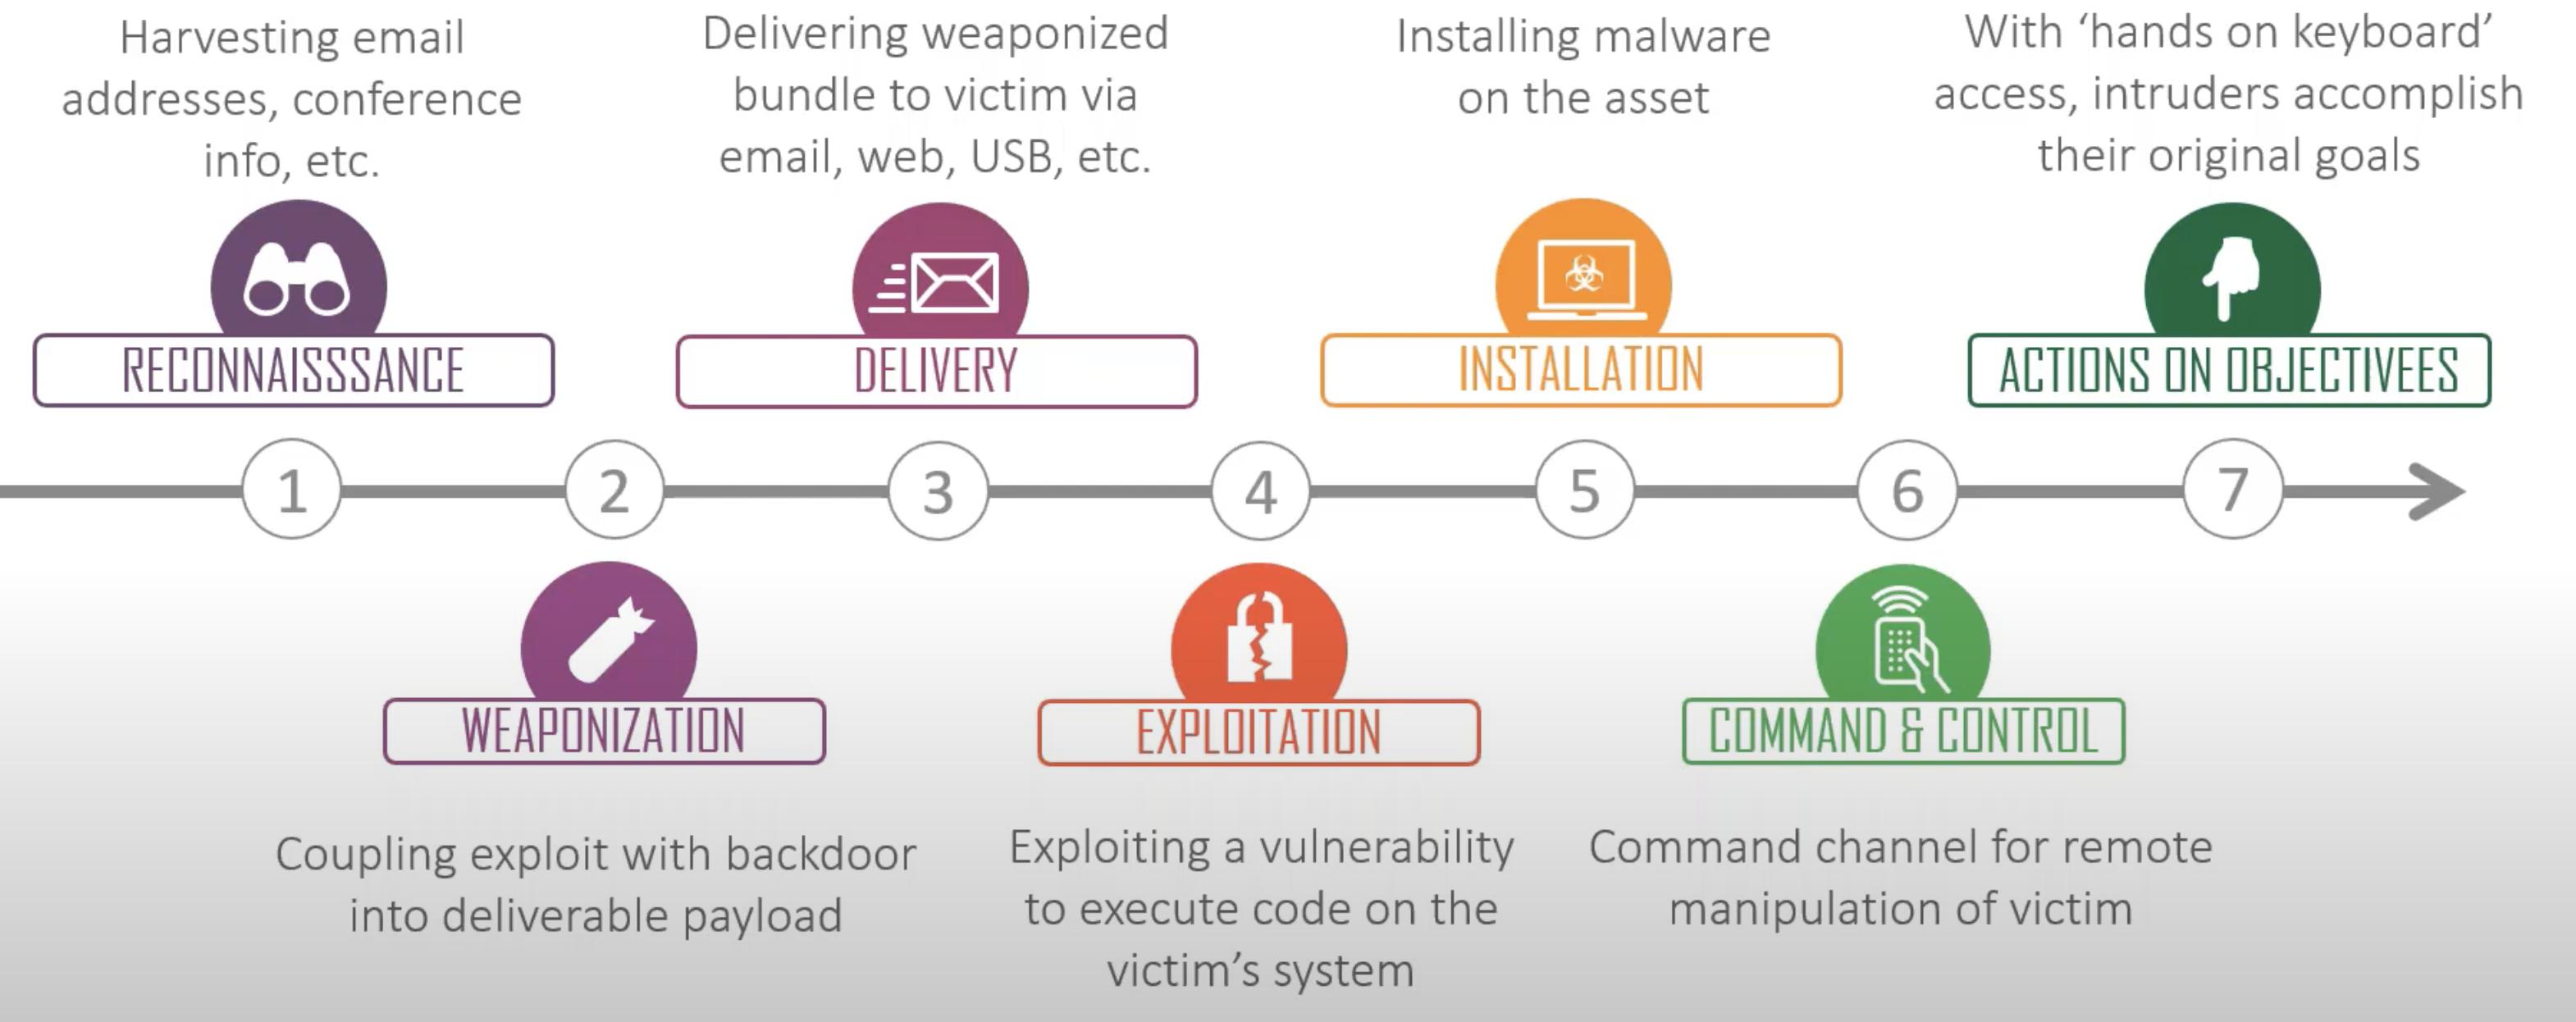 cyber-kill-chain-lockheed-3144x1246